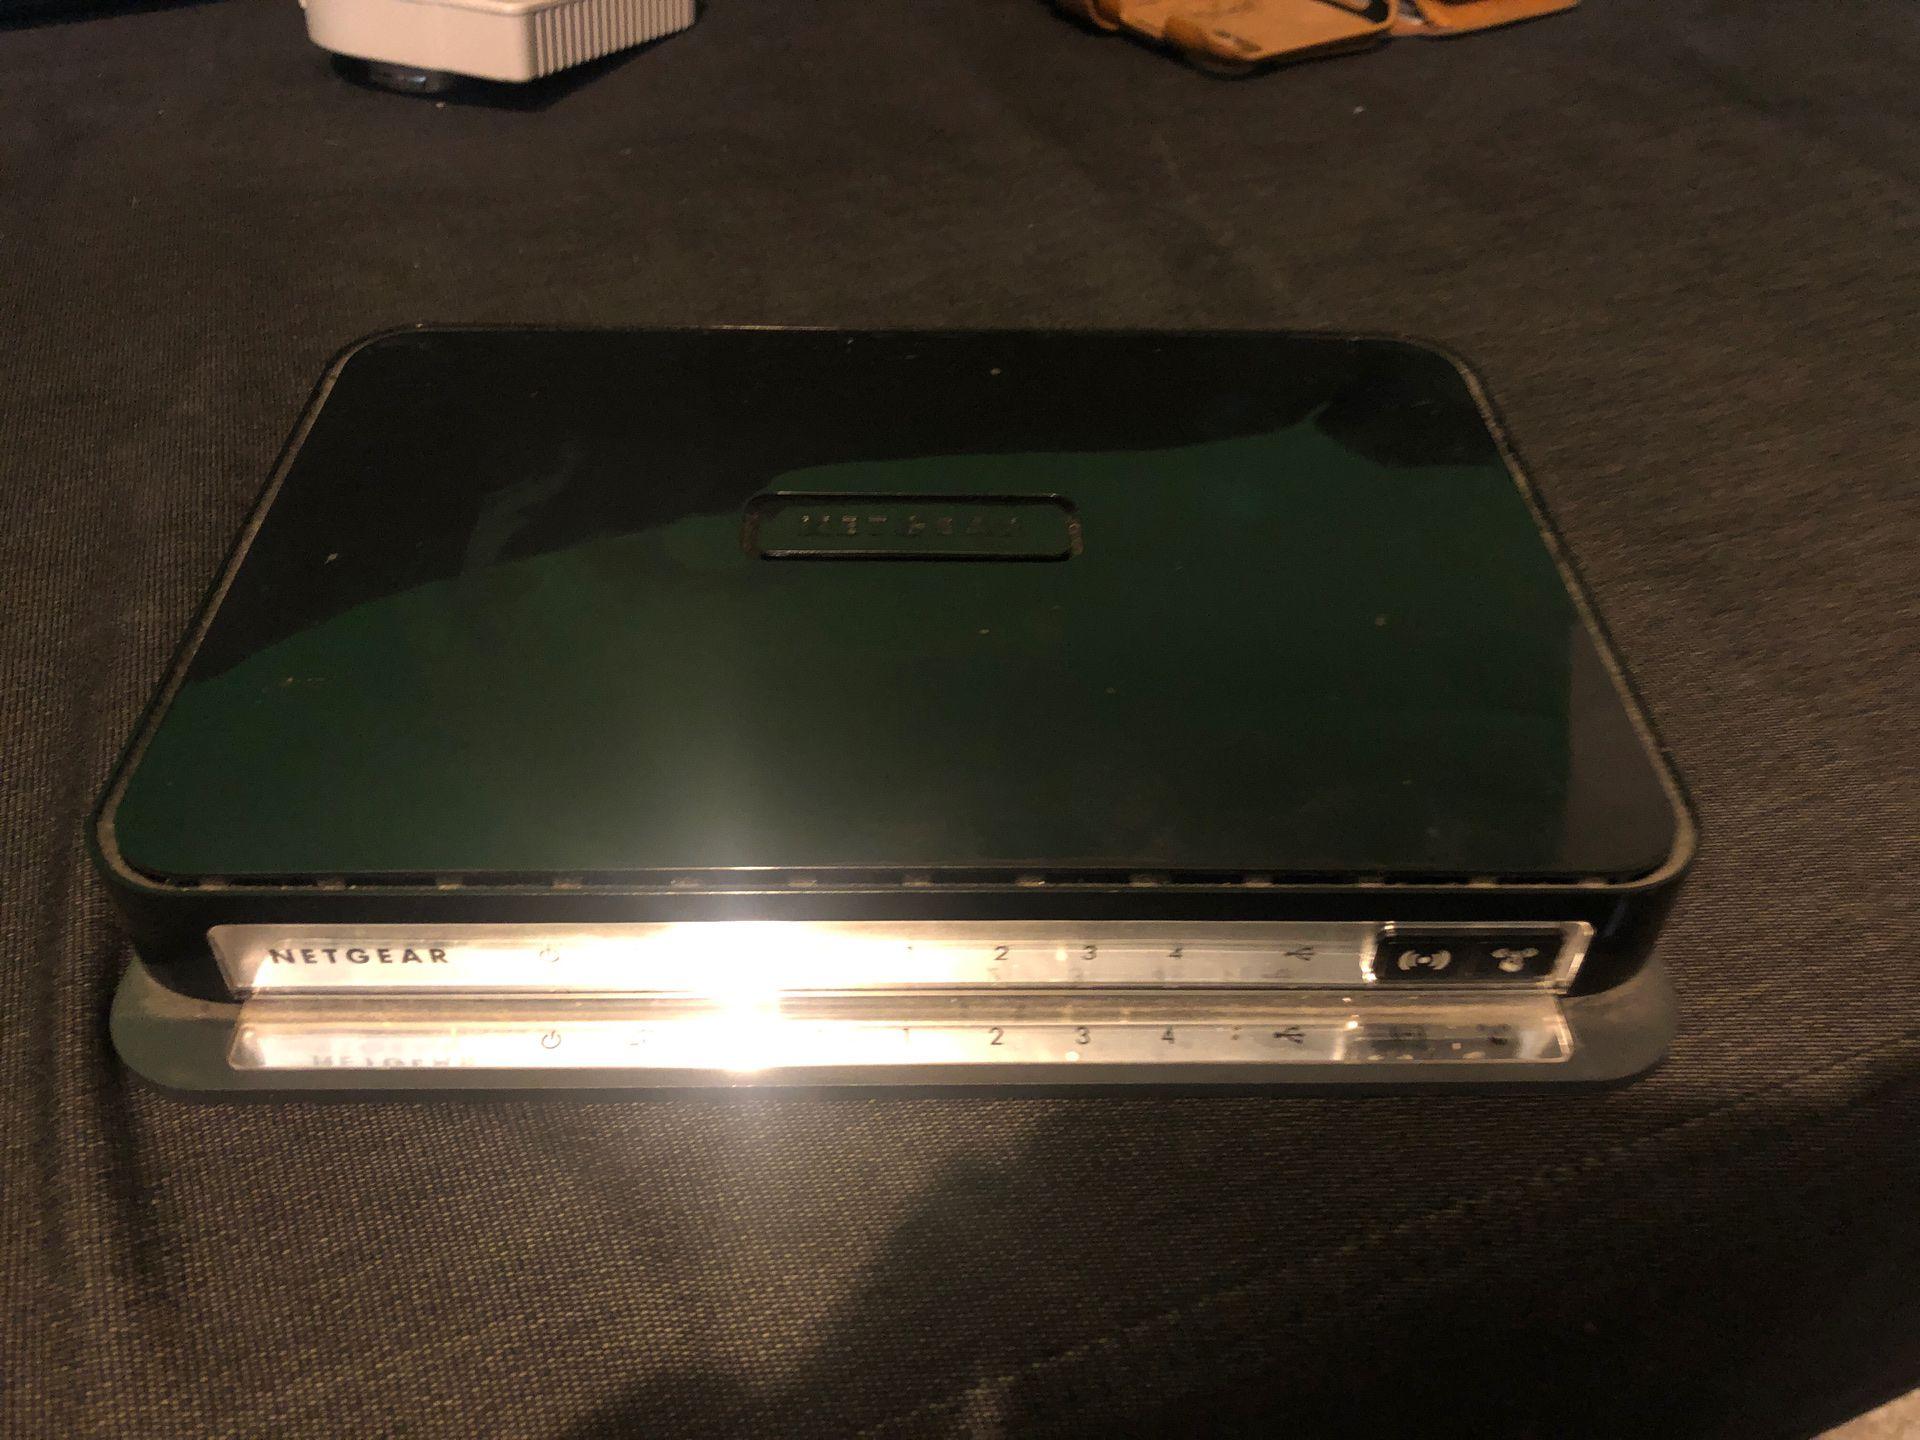 Netgear wireless tool band router